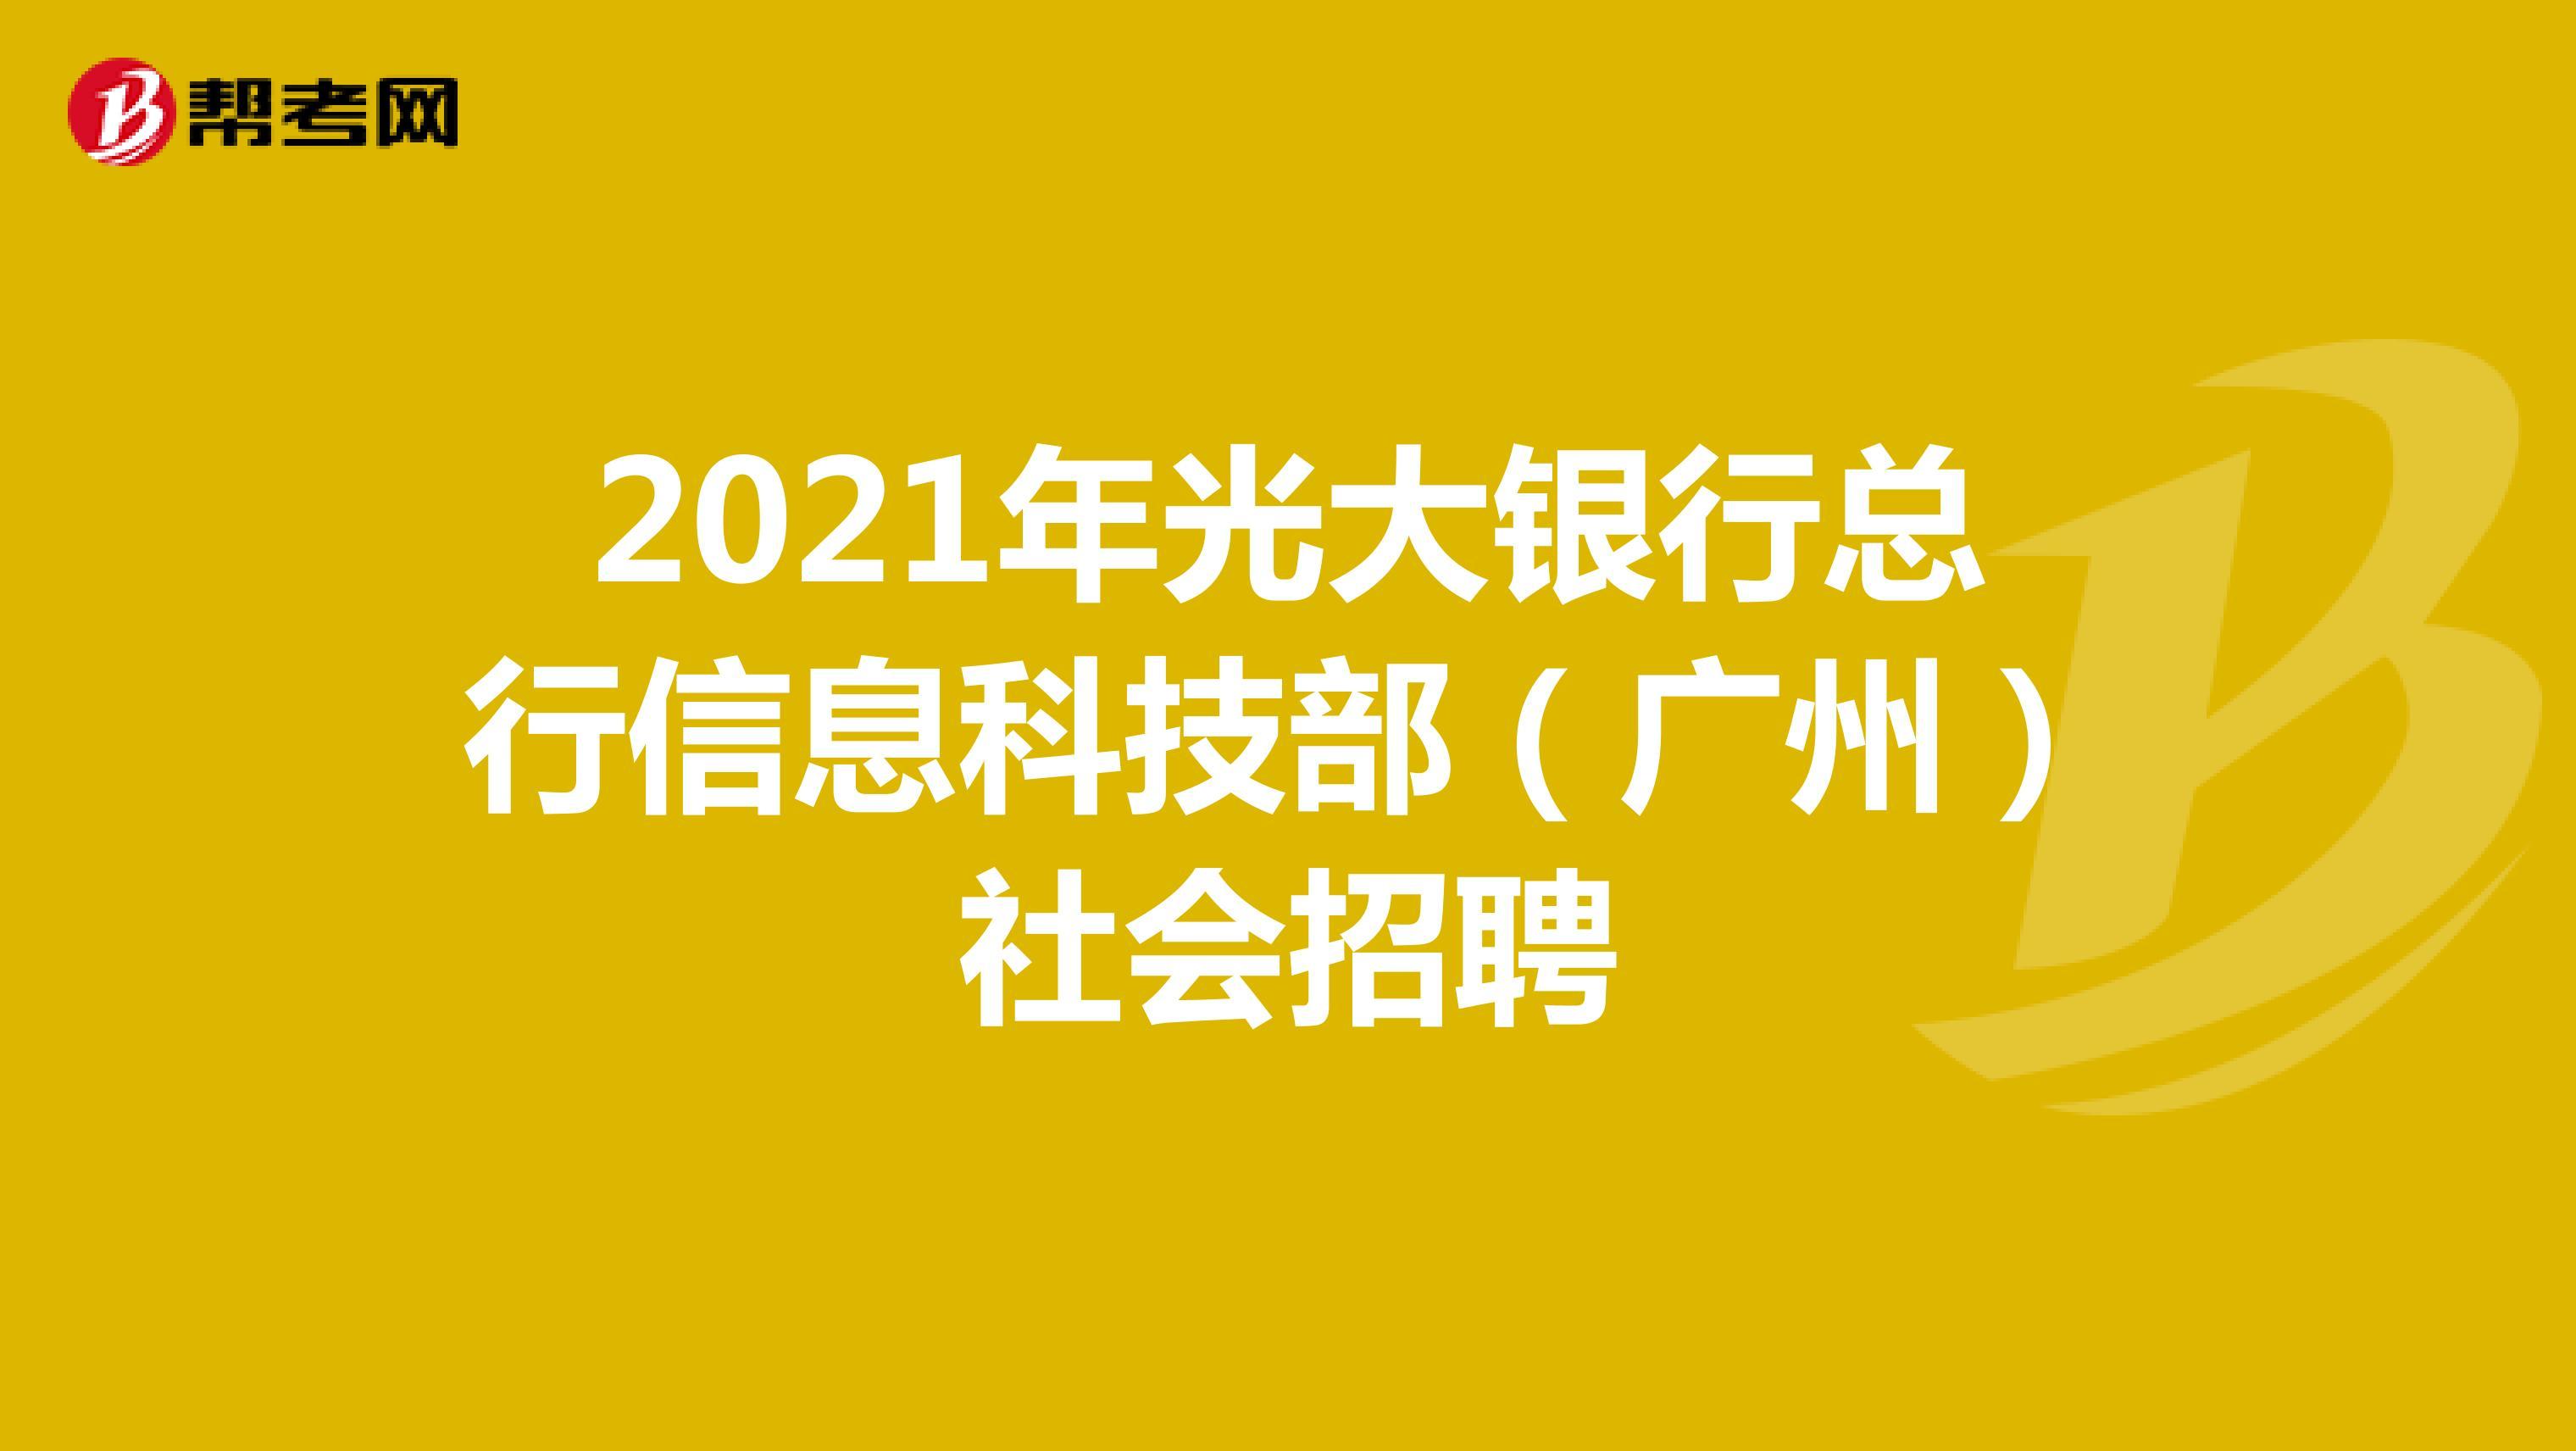 2021年光大銀行總行信息科技部(廣州)社會招聘